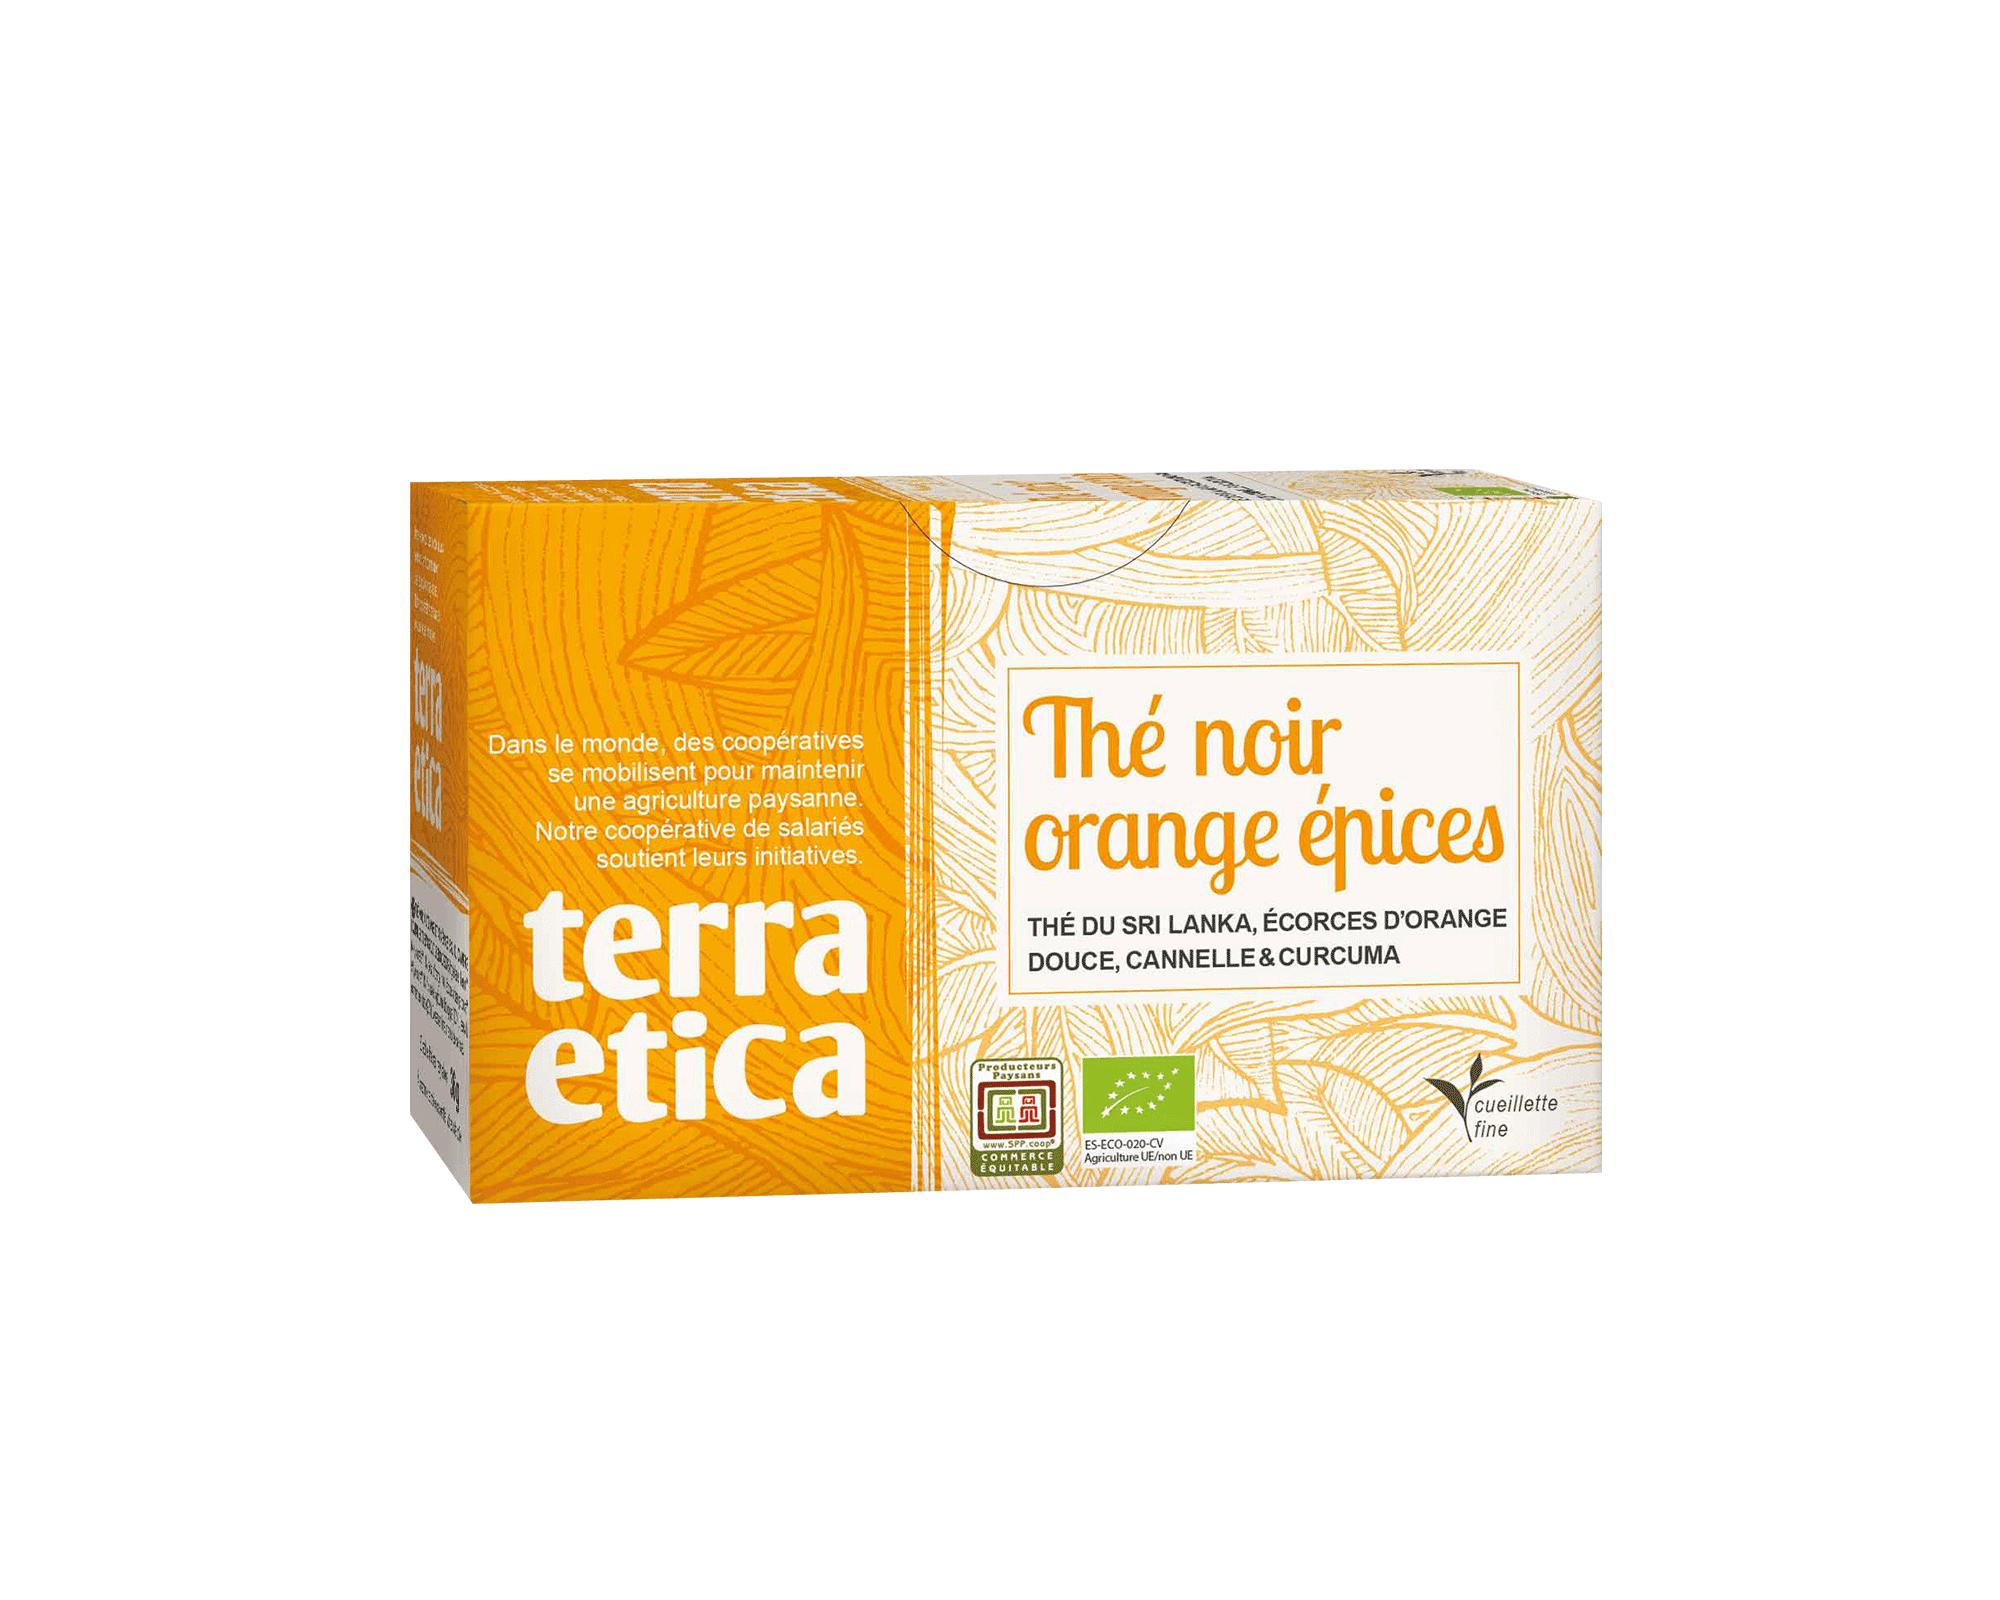 Thé Noir de Ceylan Orange et Epices bio et équitable I Terra Etica